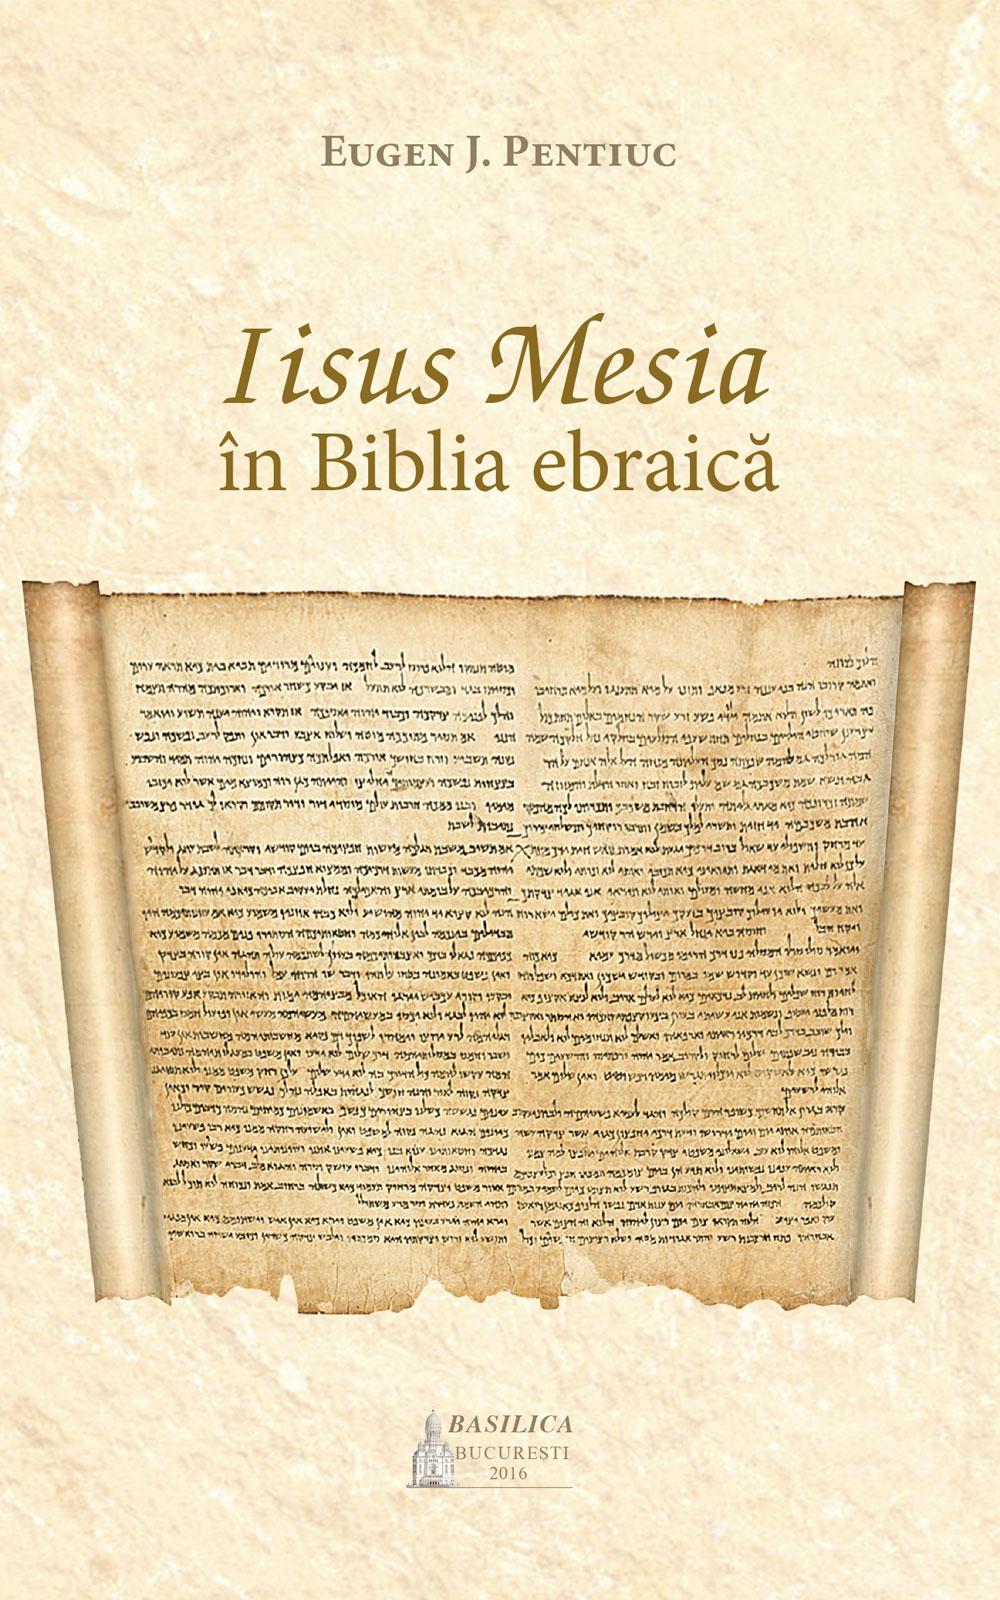 Iisus Mesia în Biblia ebraică (Eugen Pentiuc)